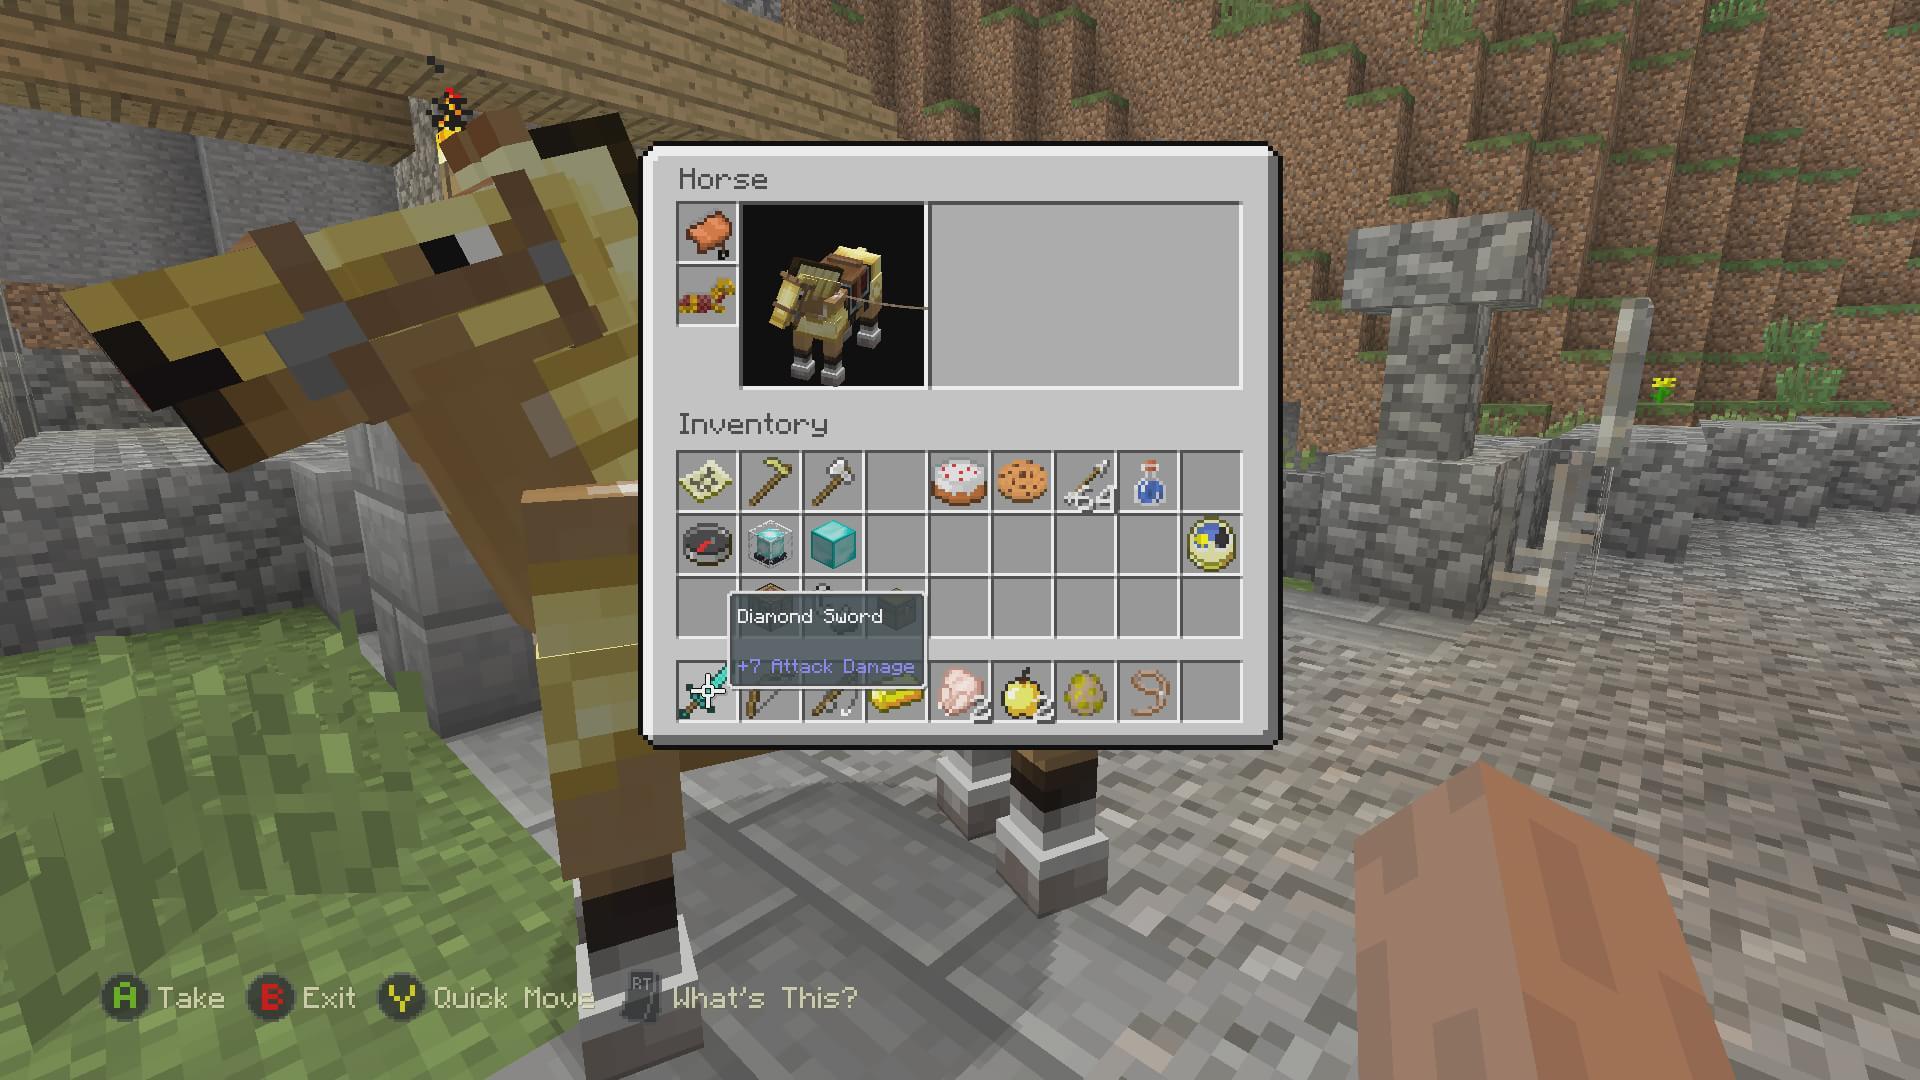 Finalmente! Atualização coloca cavalos em Minecraft [vídeo]